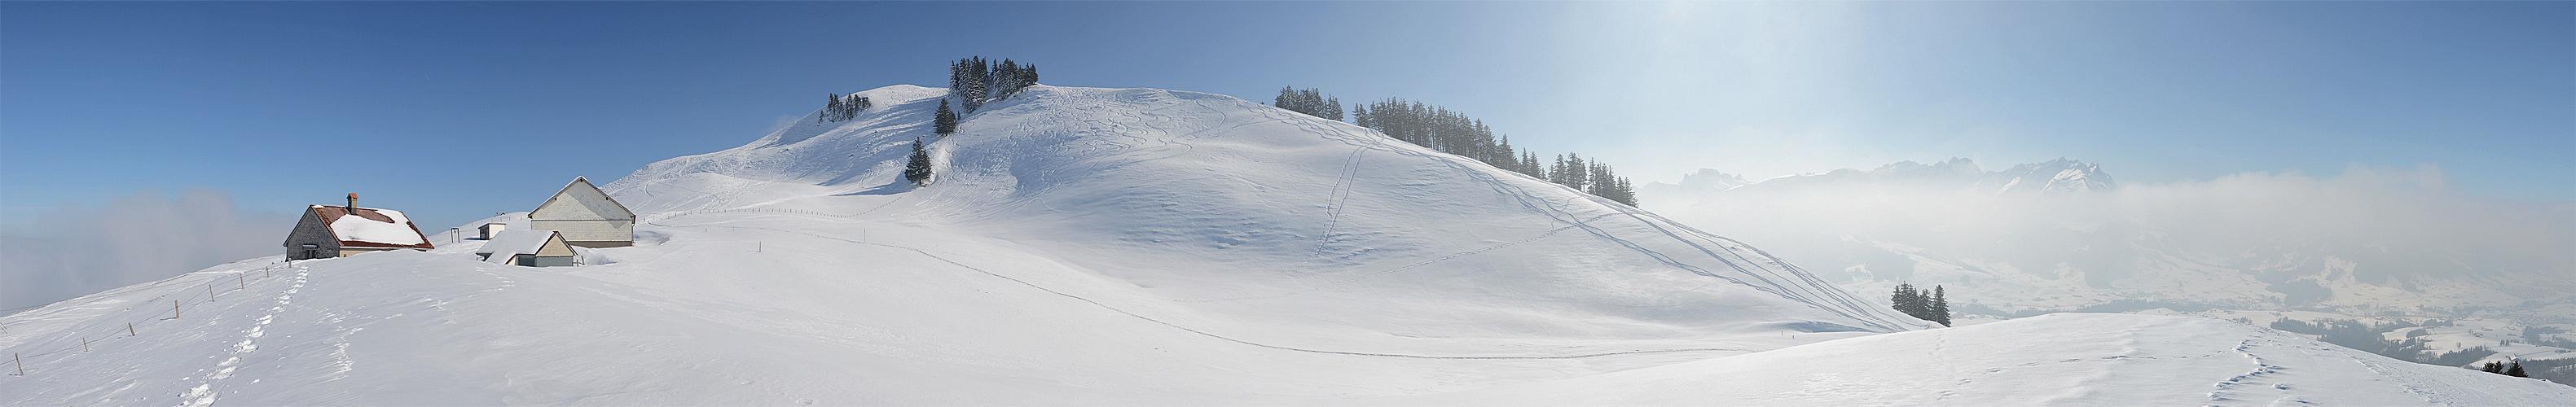 Meine Schneeschuhtour